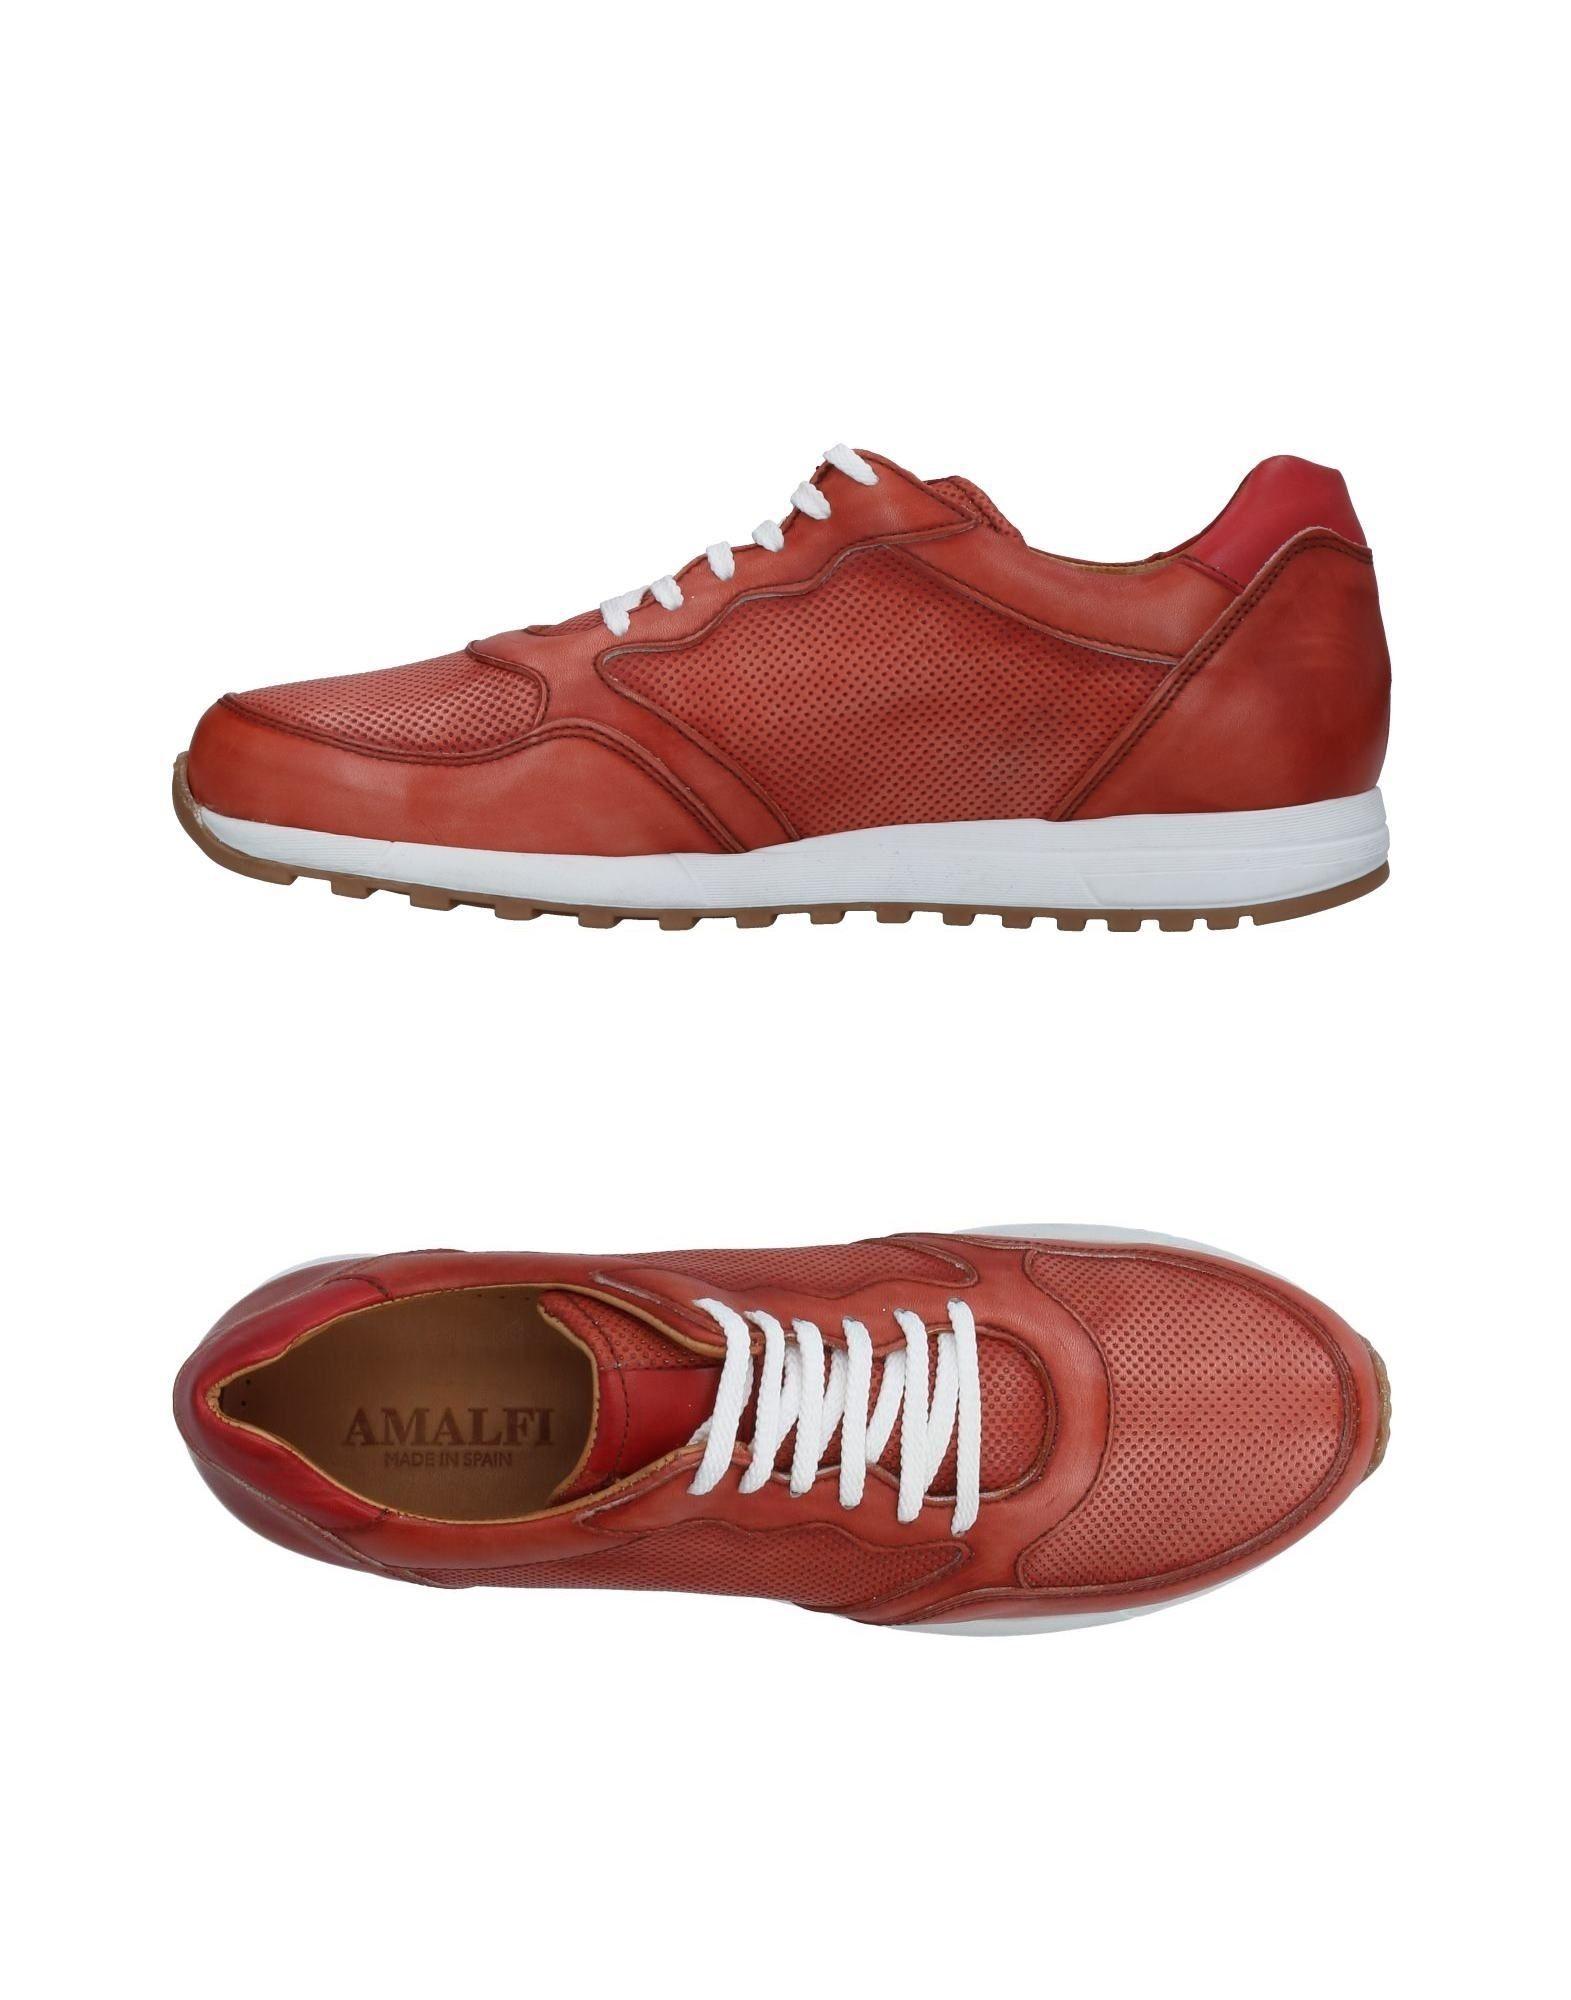 Rabatt echte Schuhe Amalfi Sneakers Sneakers Sneakers Herren  11375997TD ea9644